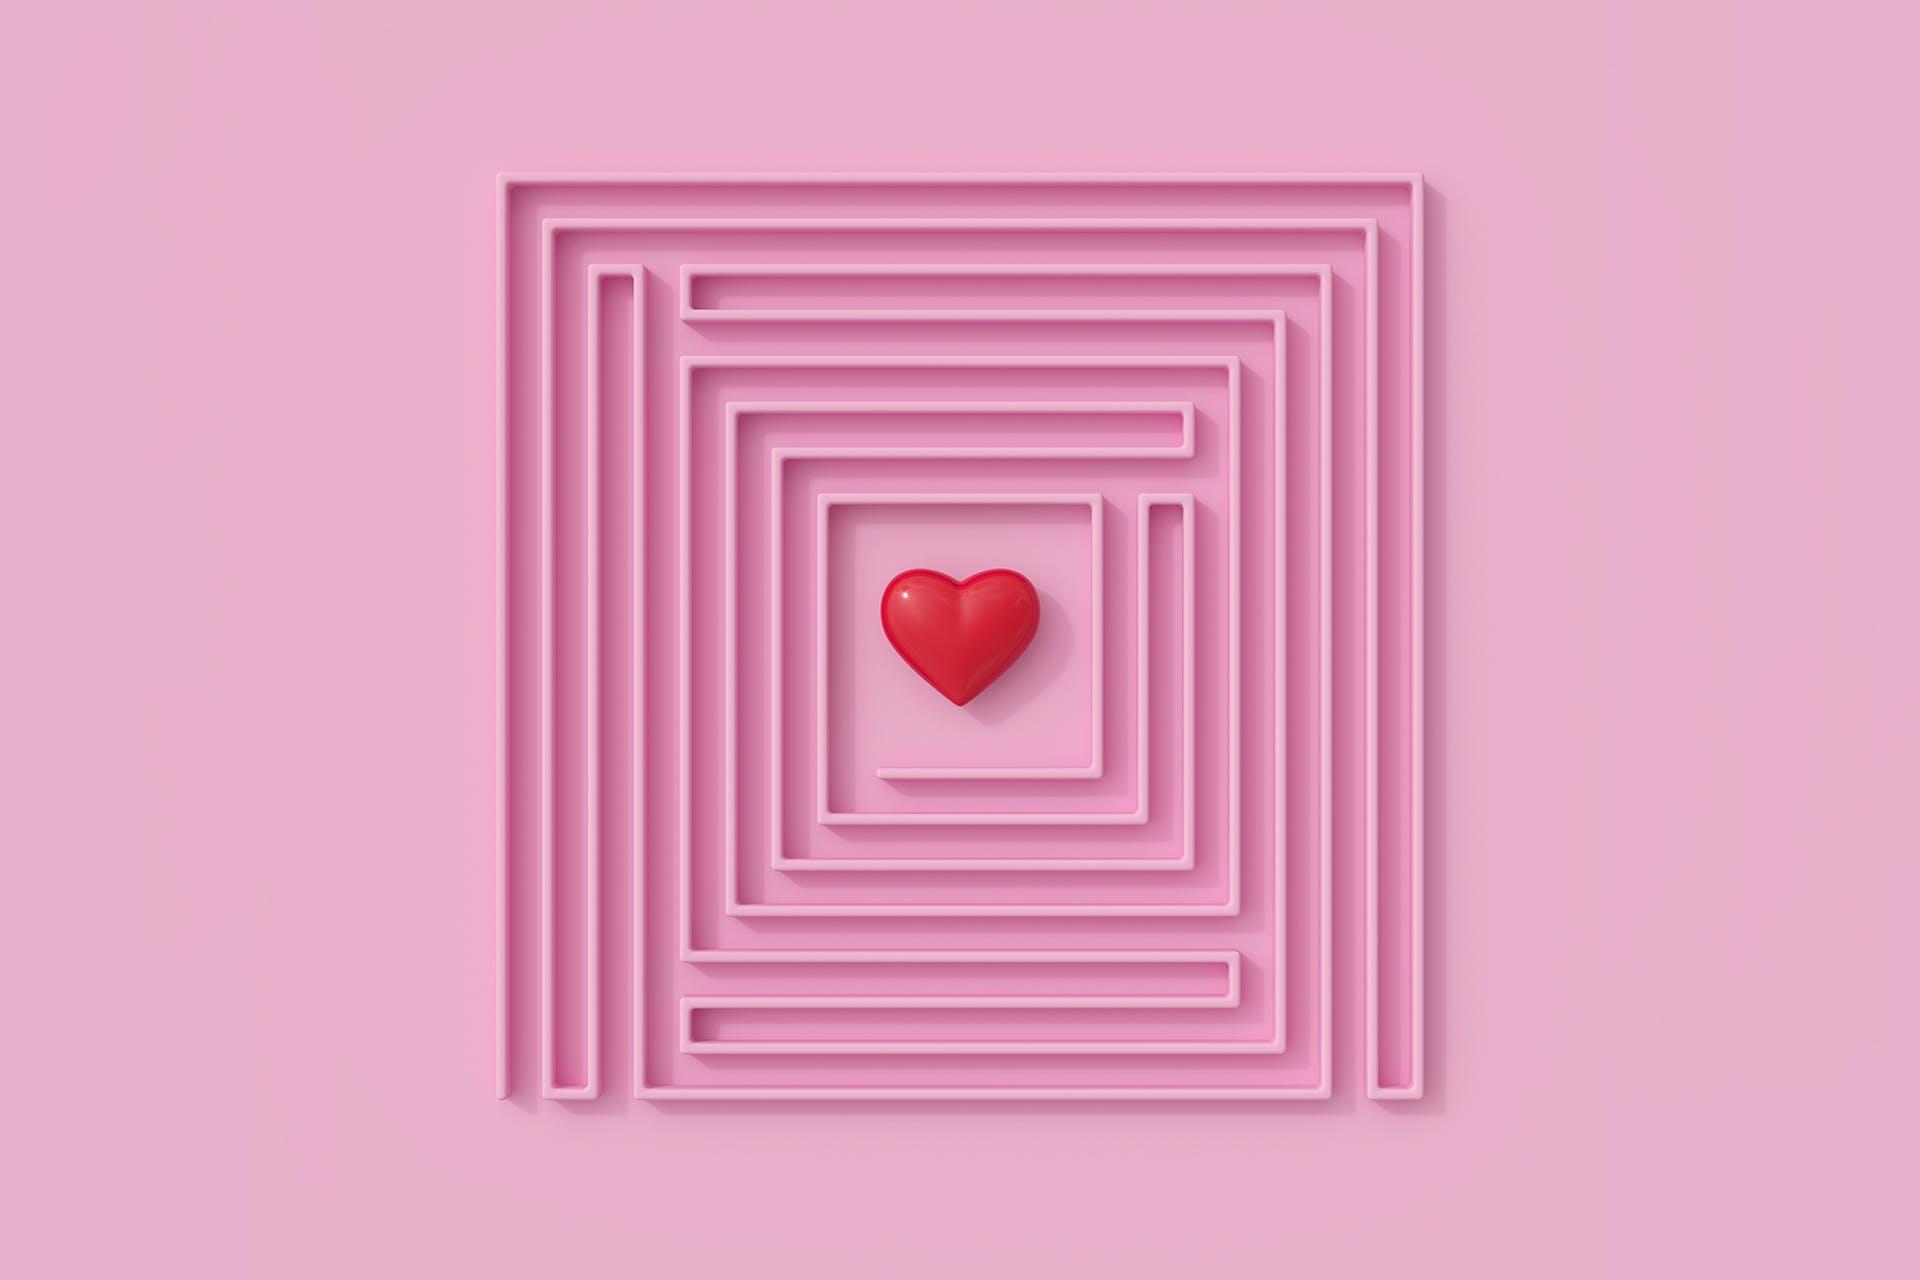 Kuinka hyödyntää brändin puolestapuhujia markkinoinnissa? Kuvassa on labyrintti, jonka keskellä on sydän.